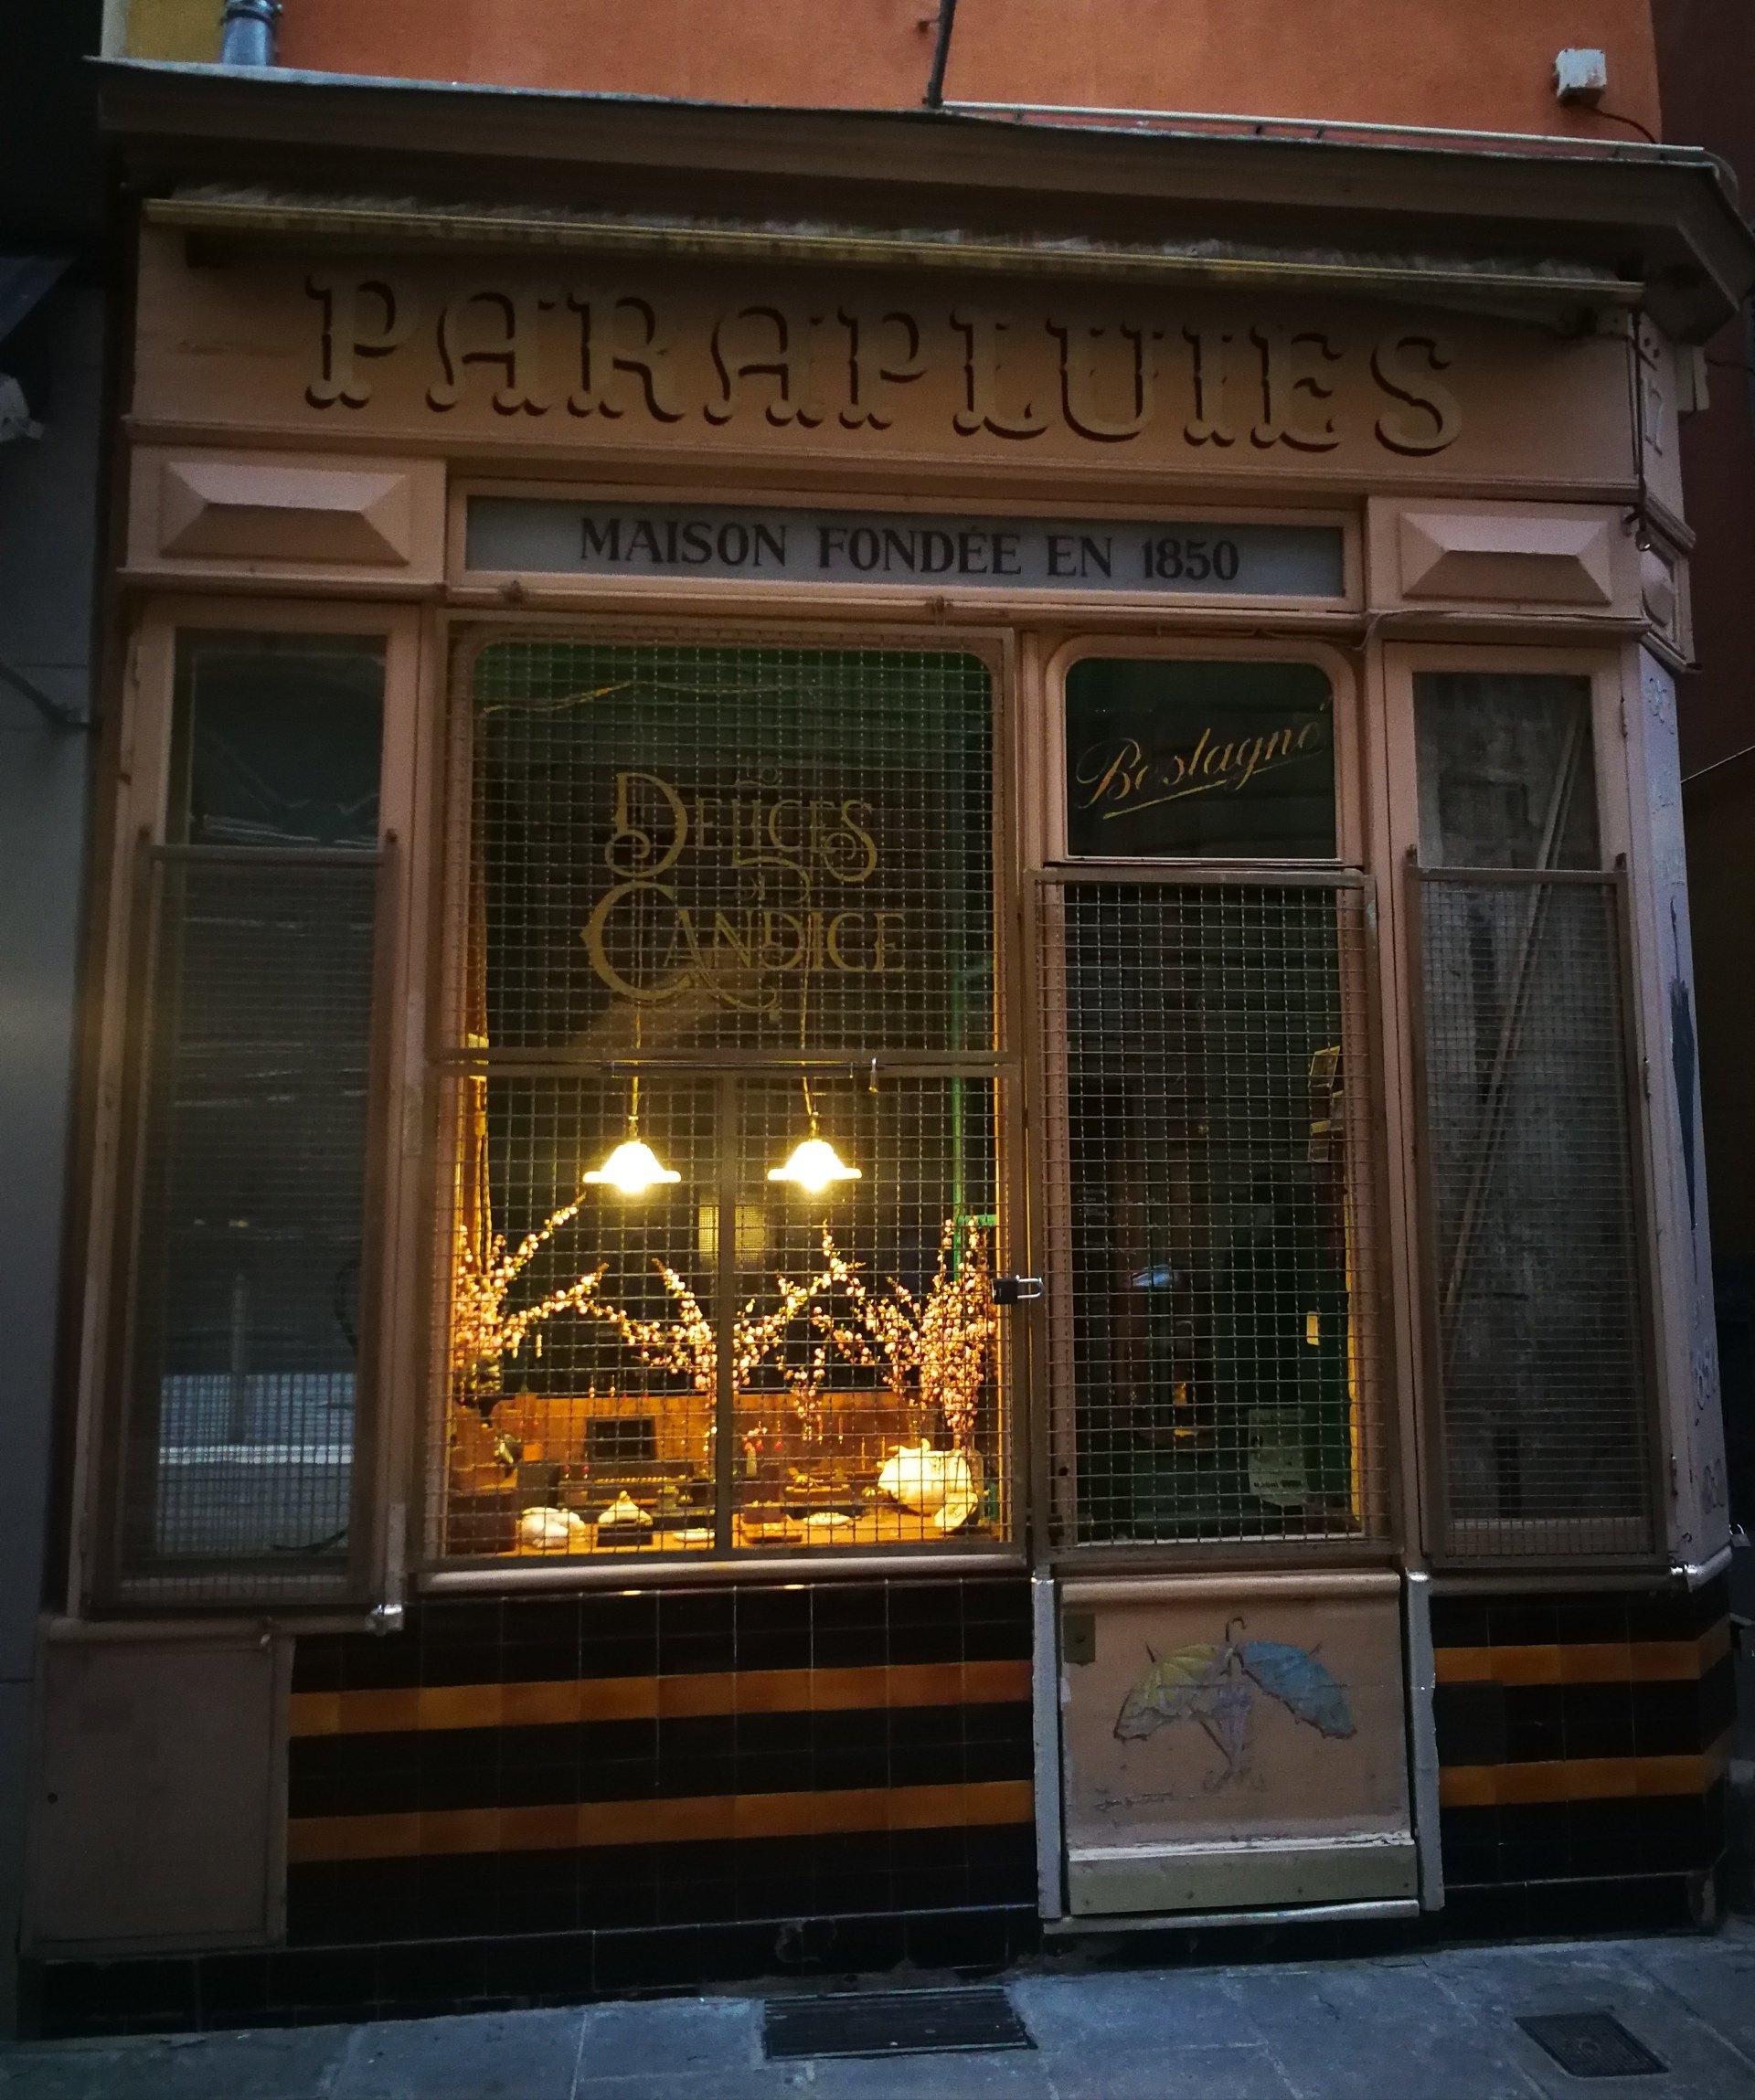 f07f6eb0f7 NIZZA Dal recente viaggio in Costa Azzurra , oggi vi faccio conoscere un  piccolo negozio che ho scoperto una sera, passeggiando per le vie della  città.